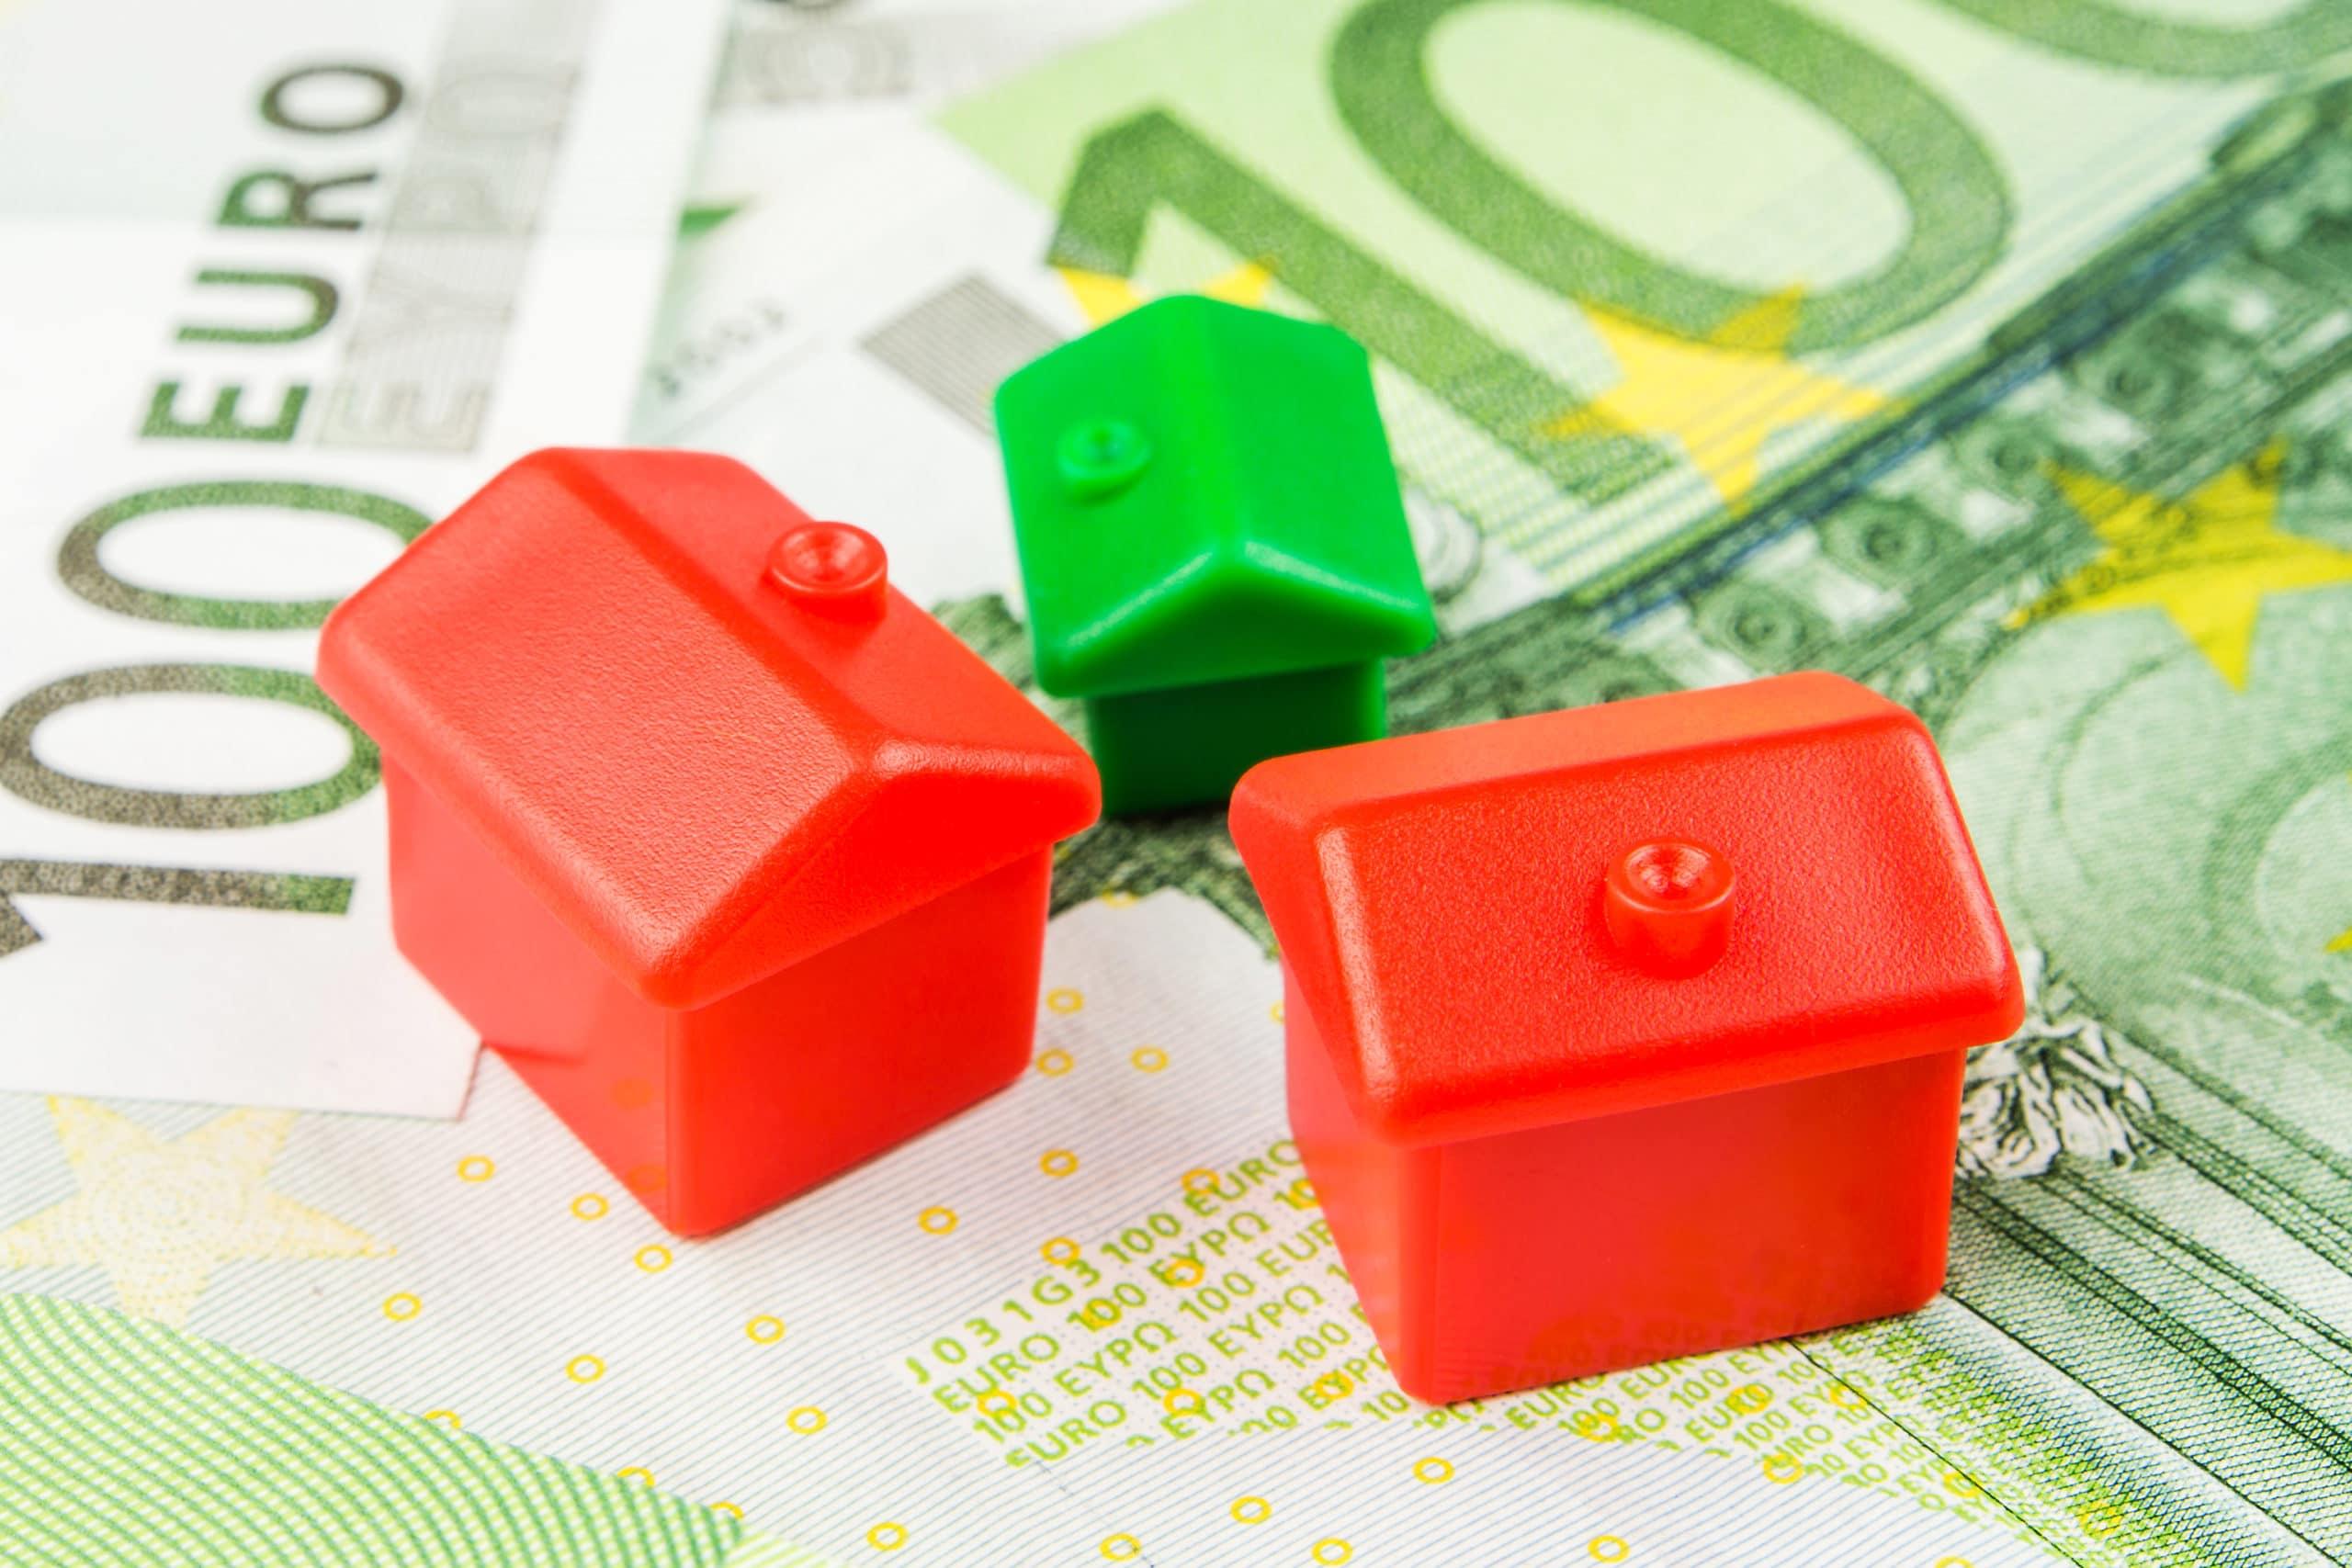 franch real estate 2021